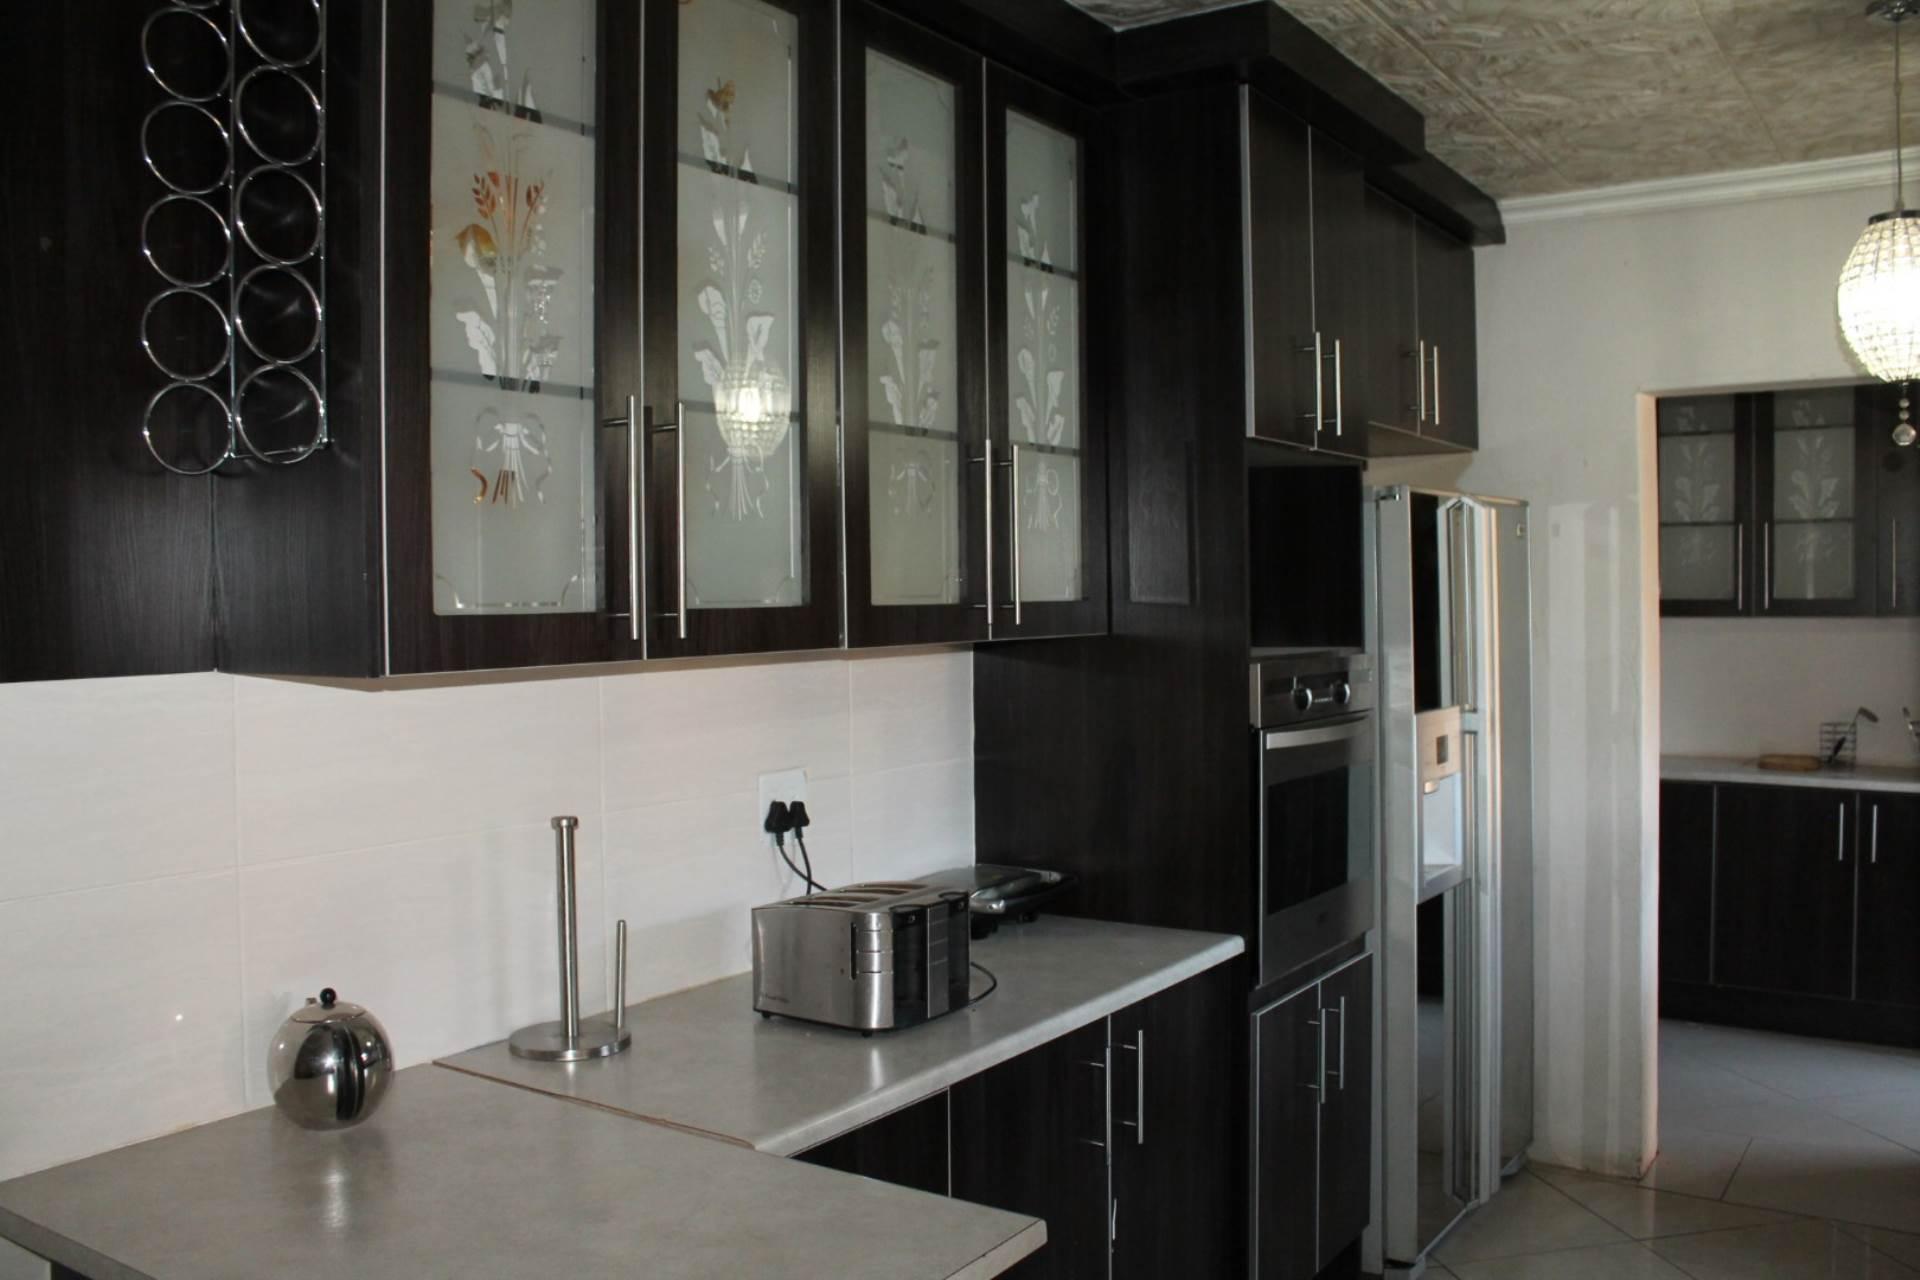 Akasia, Amandasig Property  | Houses For Sale Amandasig, AMANDASIG, House 3 bedrooms property for sale Price:1,250,000